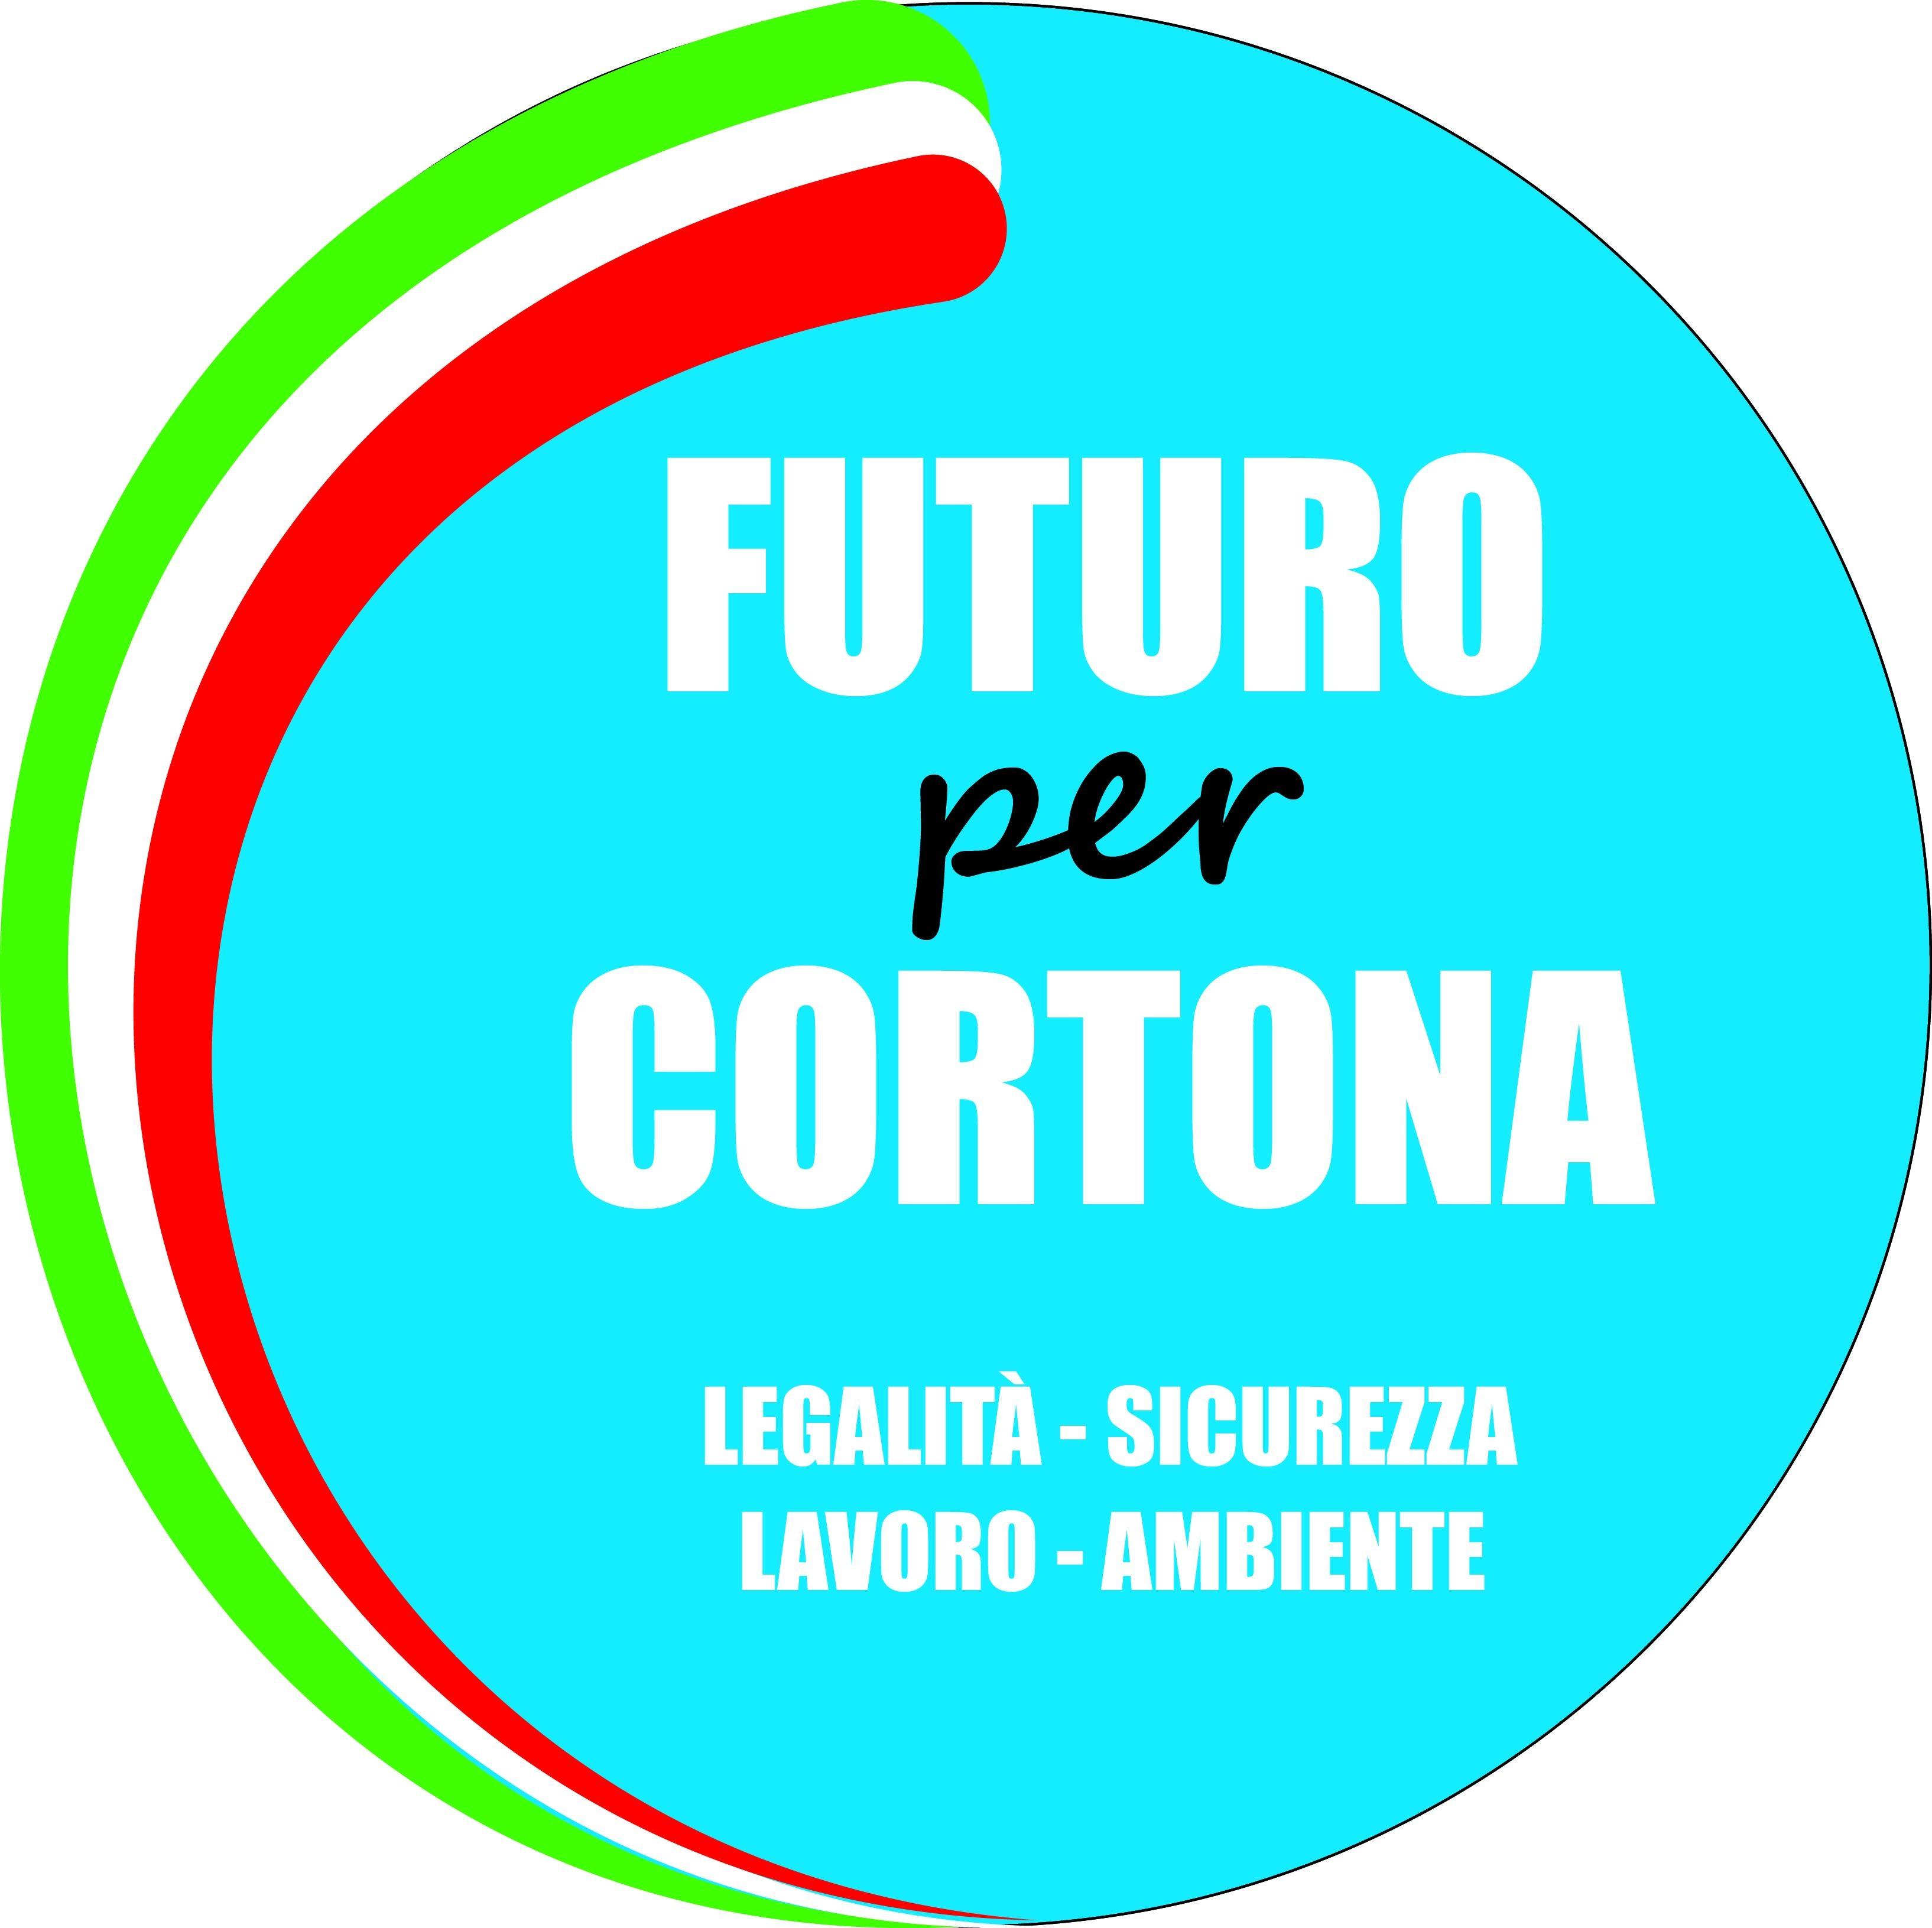 Berti (Futuro per Cortona) invita i cittadini a presenziare alla seduta della Commissione sul bilancio e tributi comunali